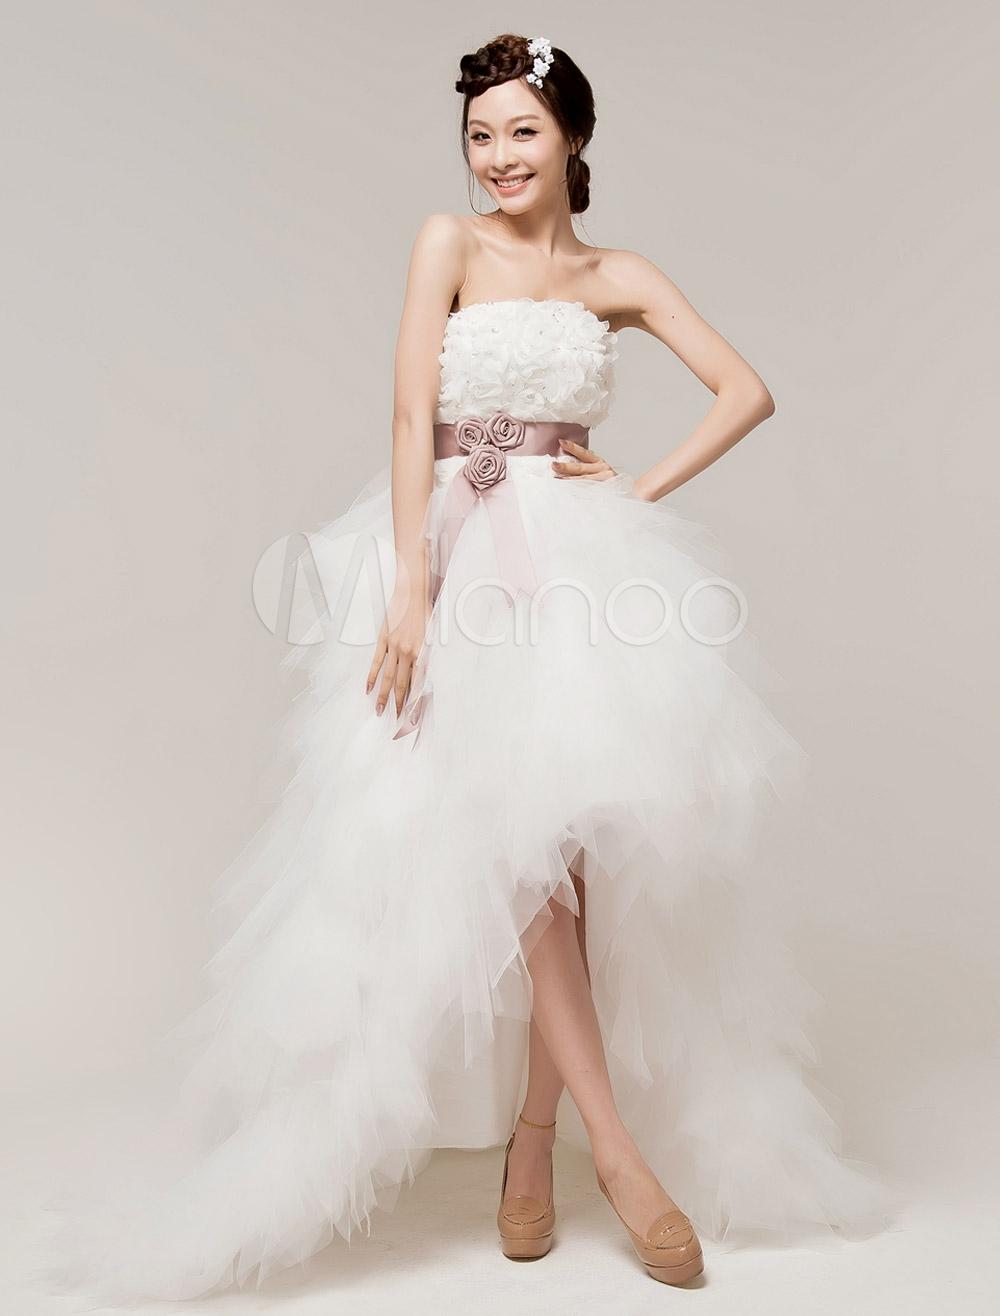 Продам или сдам на прокат, Молодечно, продажа Свадебные платья Молодечно, цена Свадебное платье новое.